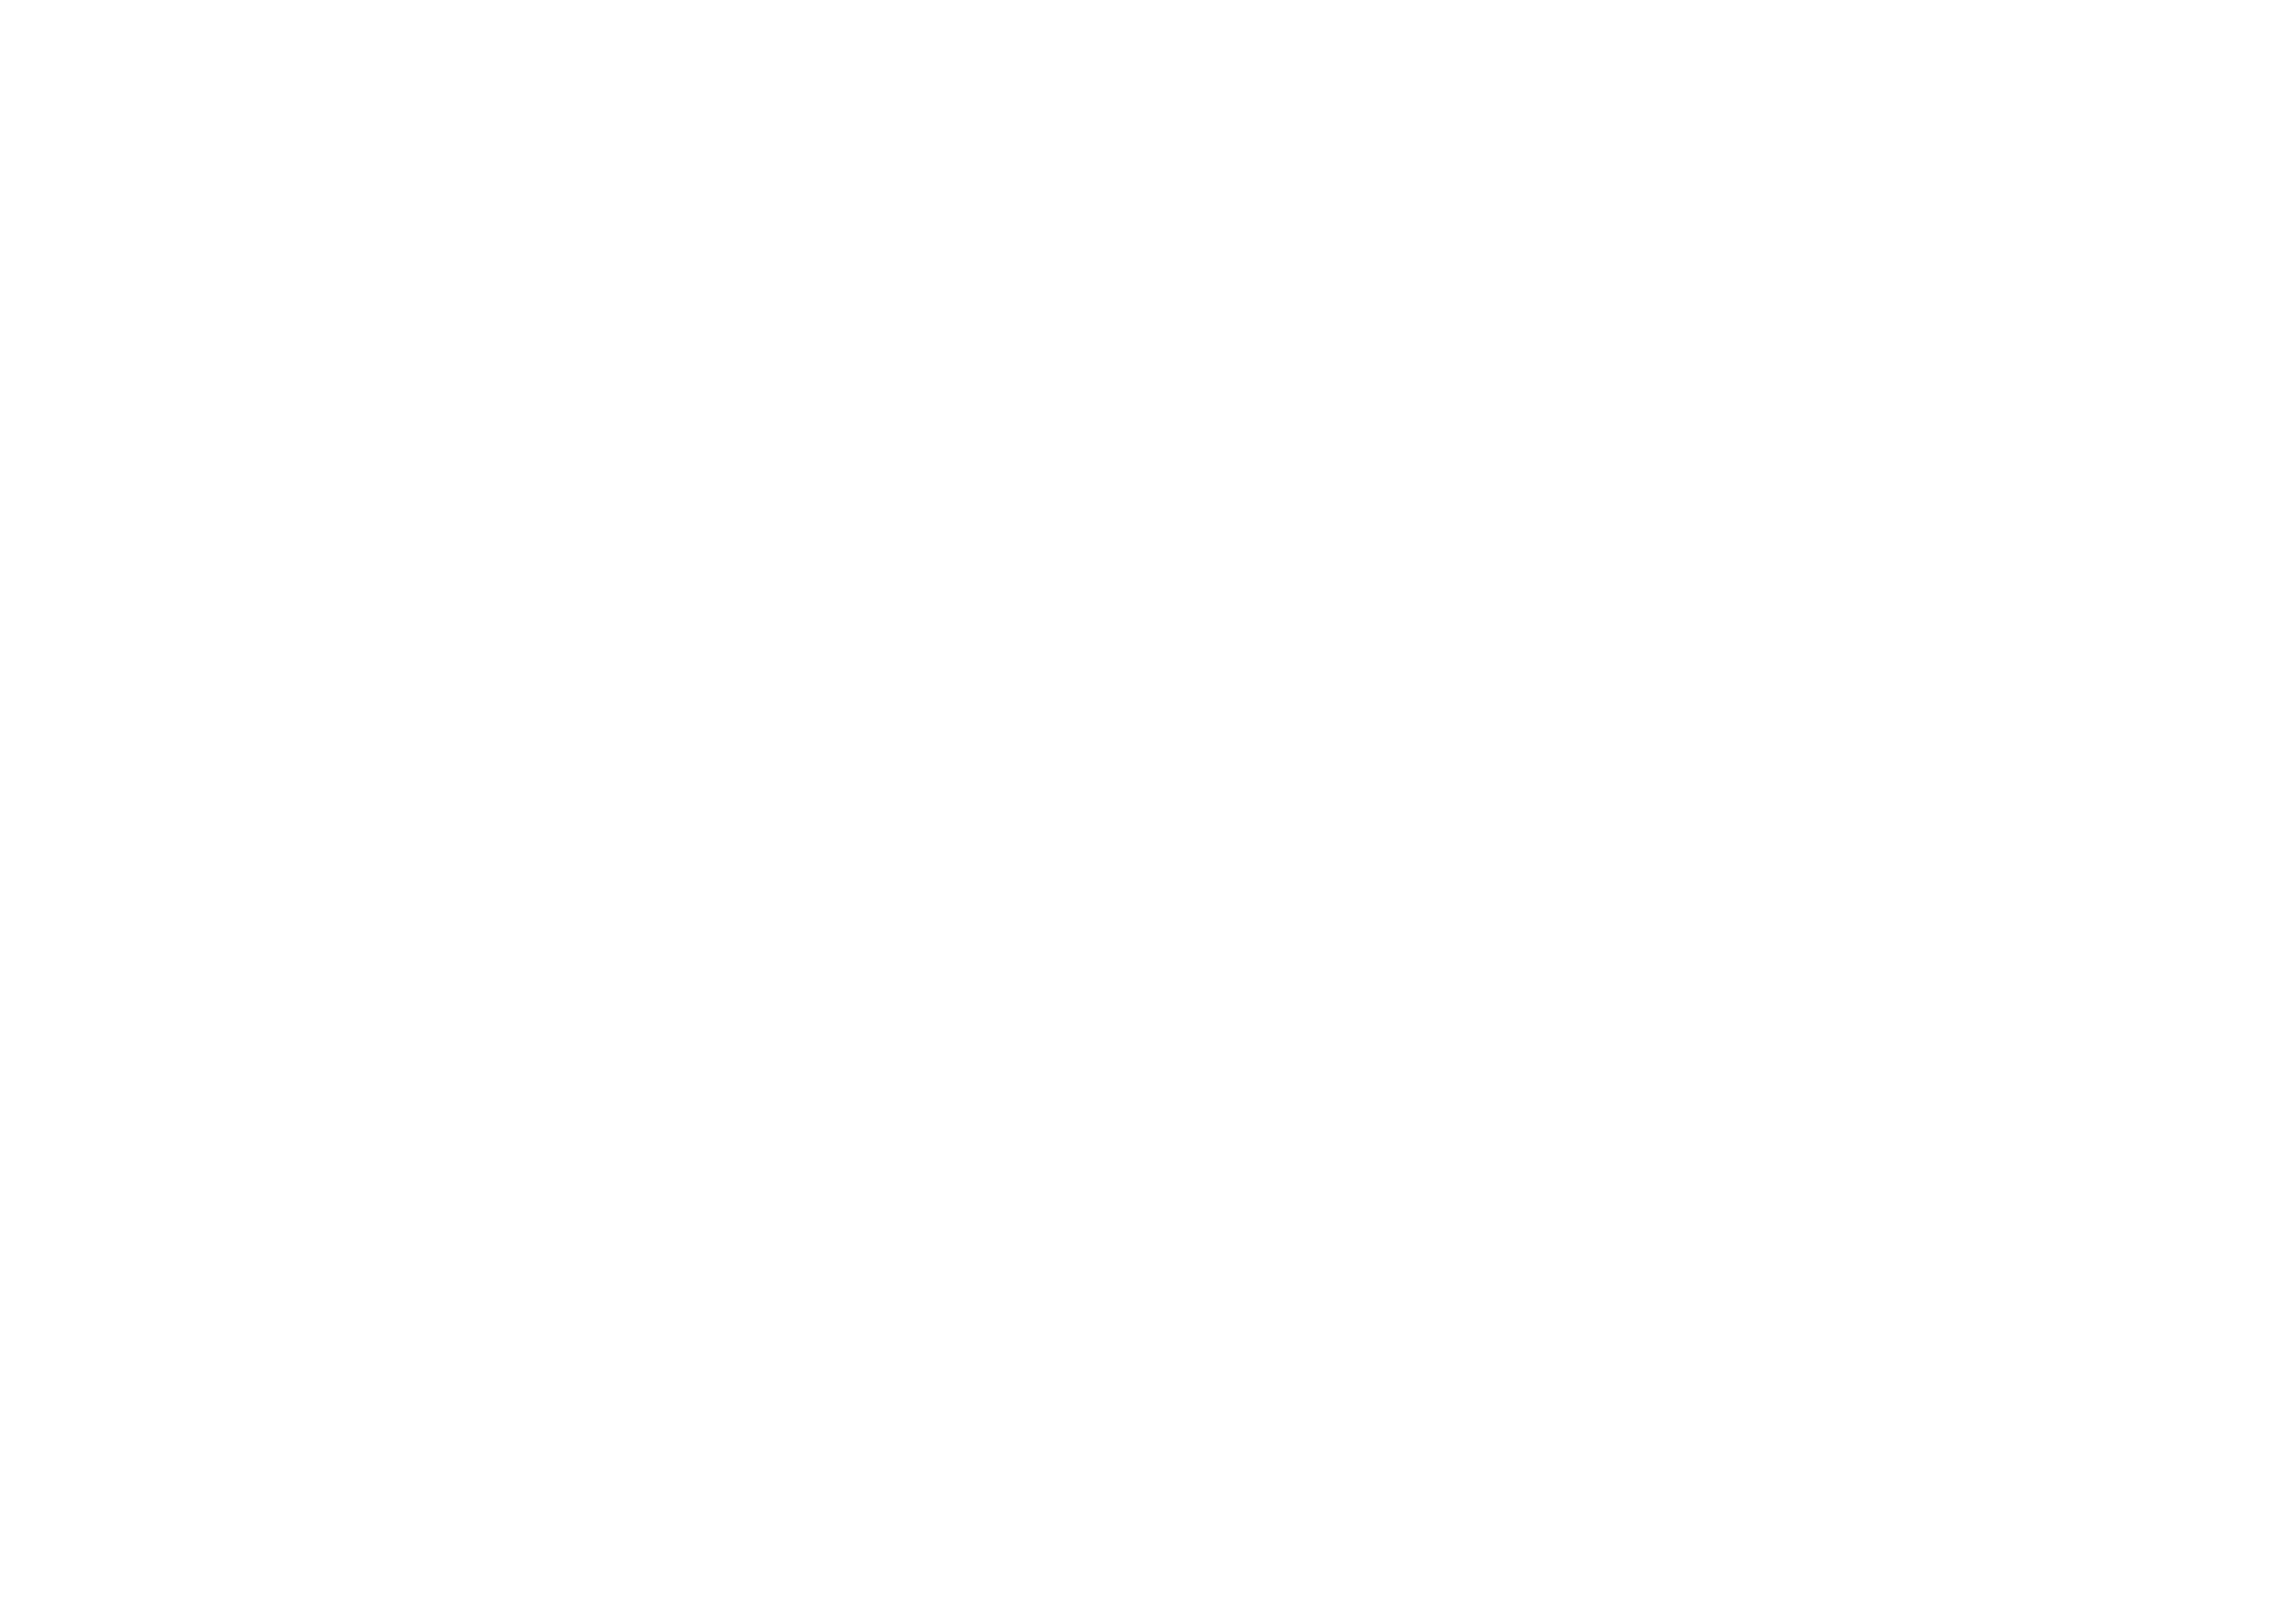 Padin Publicidad digital